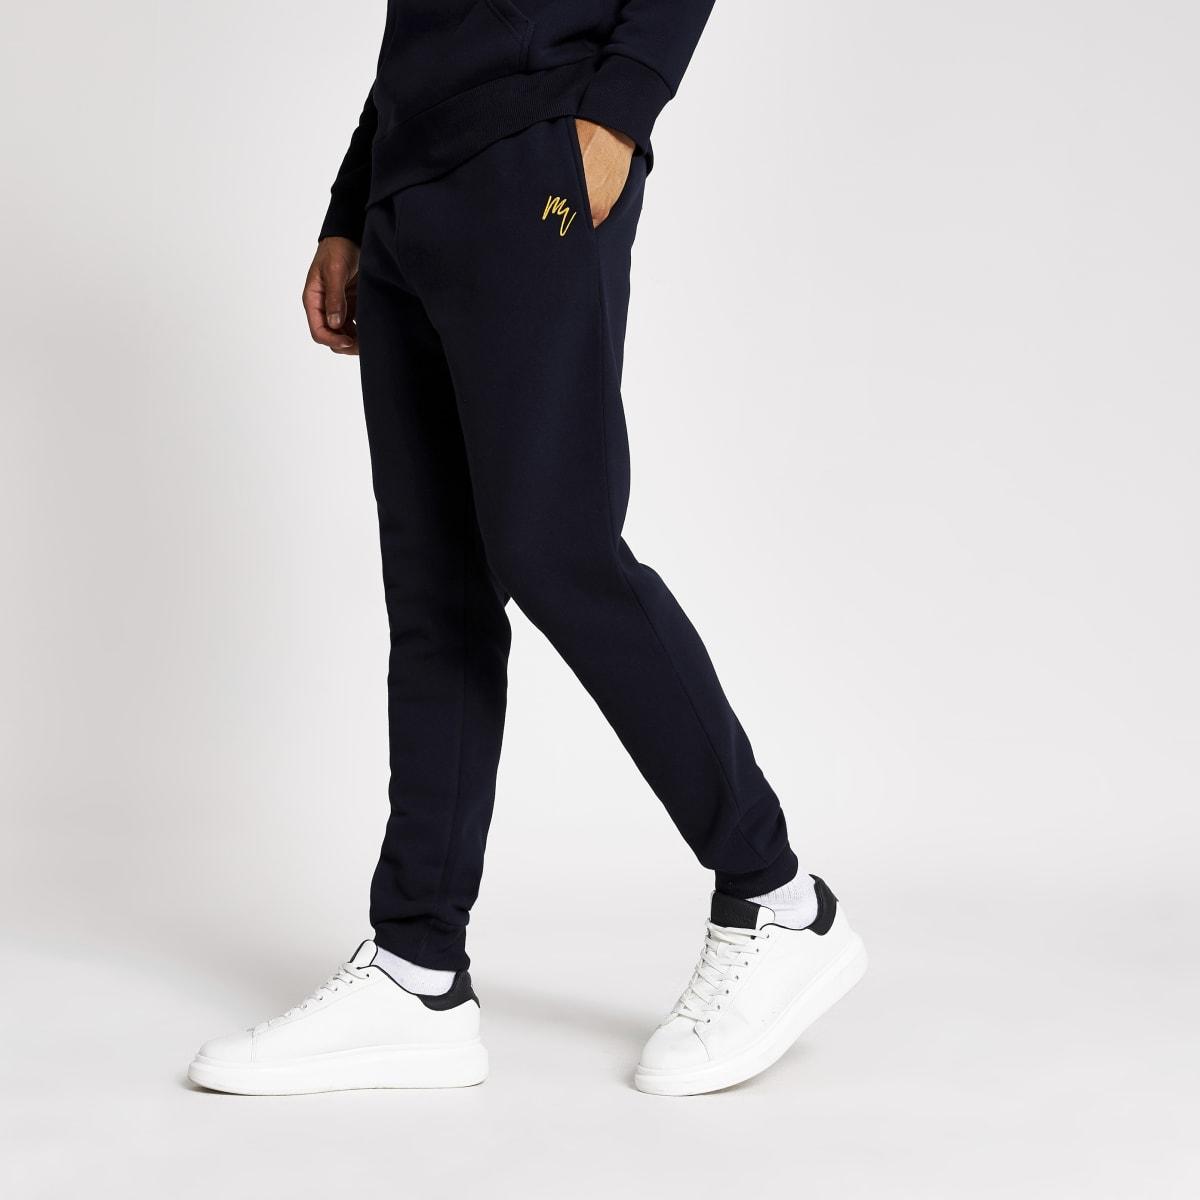 Pantalons de joggingsajustés Maison Riviera bleu marine